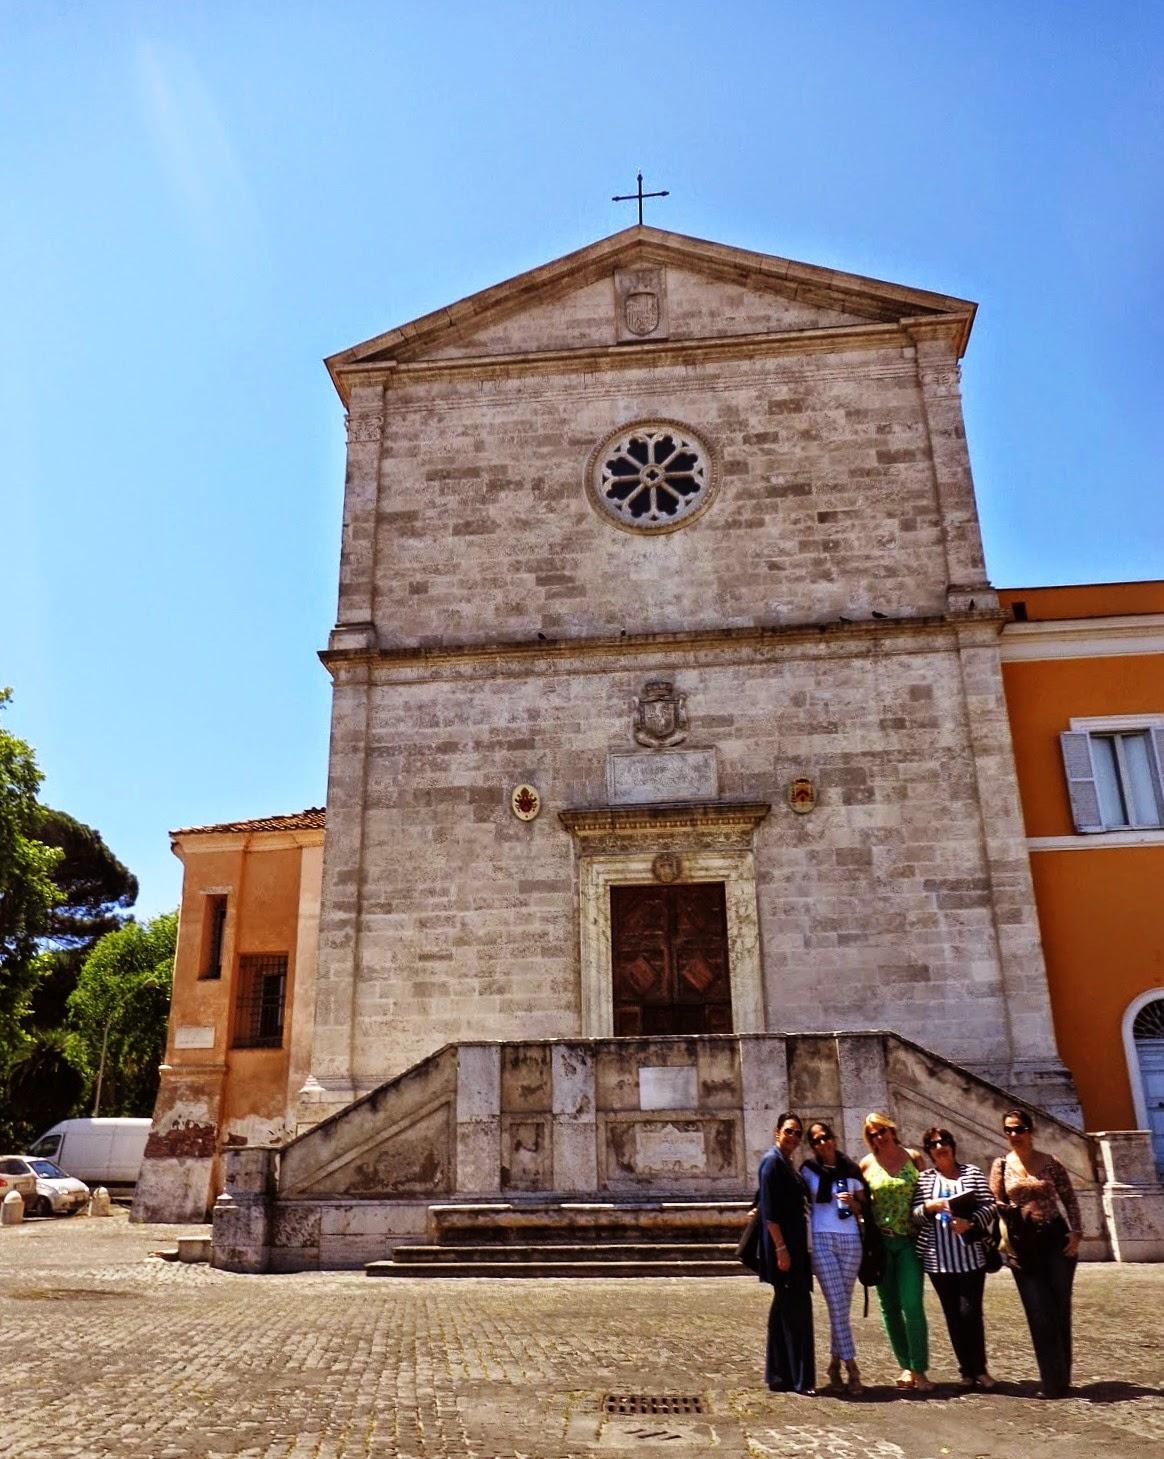 Igreja de San Pietro in Montorio, onde se encontra os restos de Beatrice Cenci.